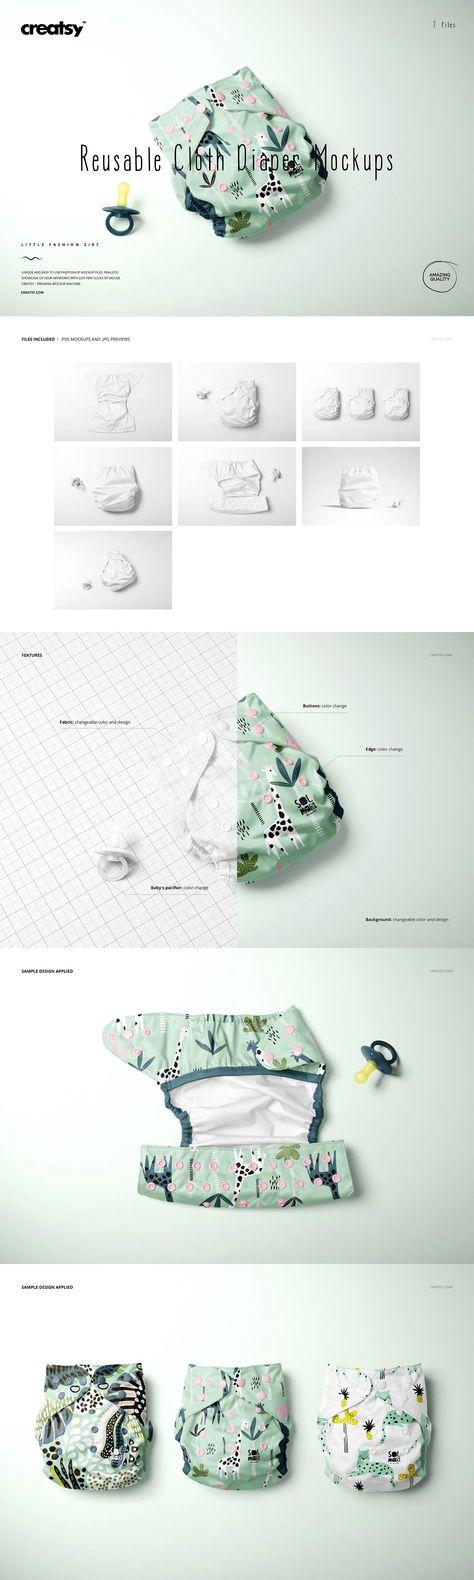 Reusable Cloth Diaper Mockup Set